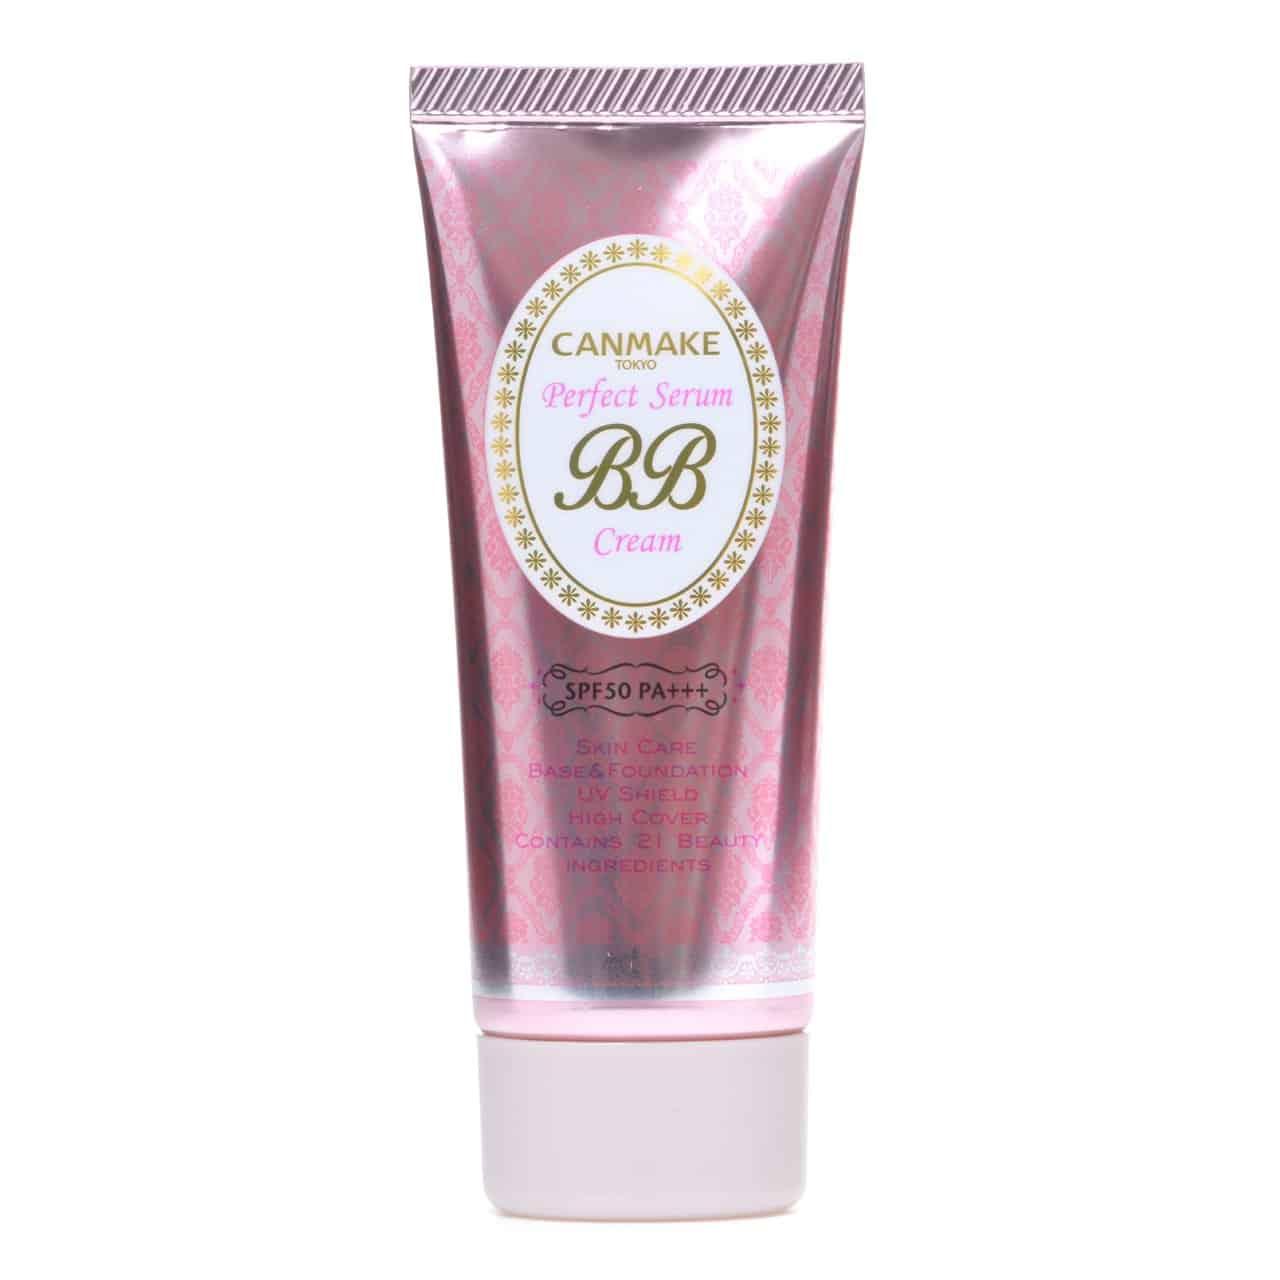 Canmake-Perfect-Serum-BB-Cream